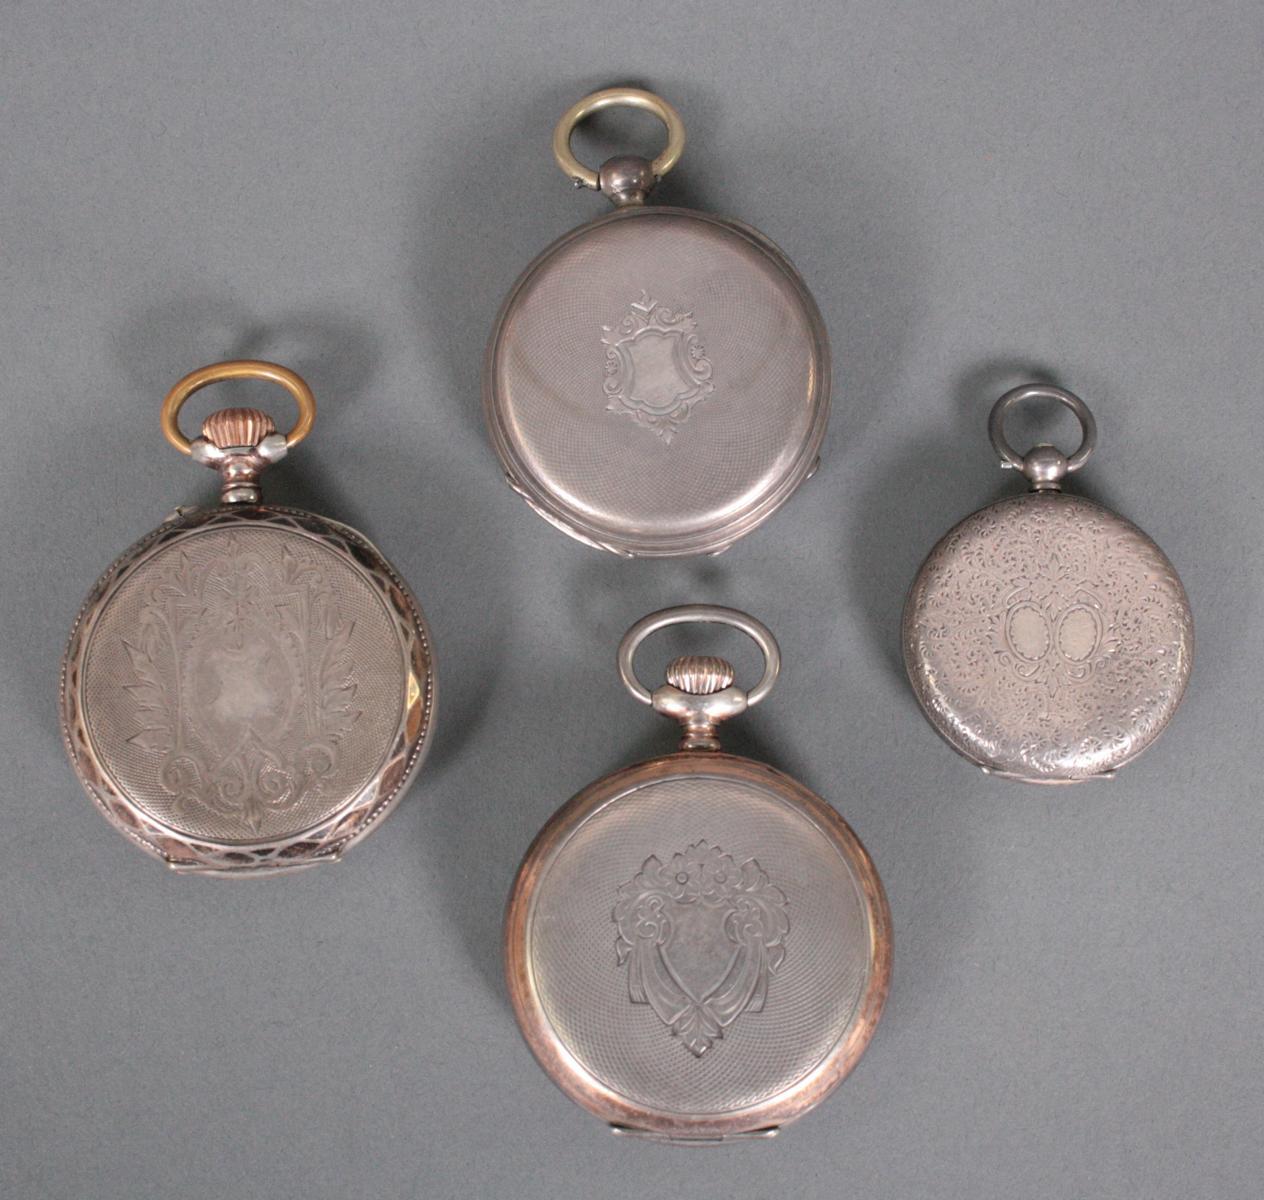 Sammlung silberne Taschenuhren um 1900-2